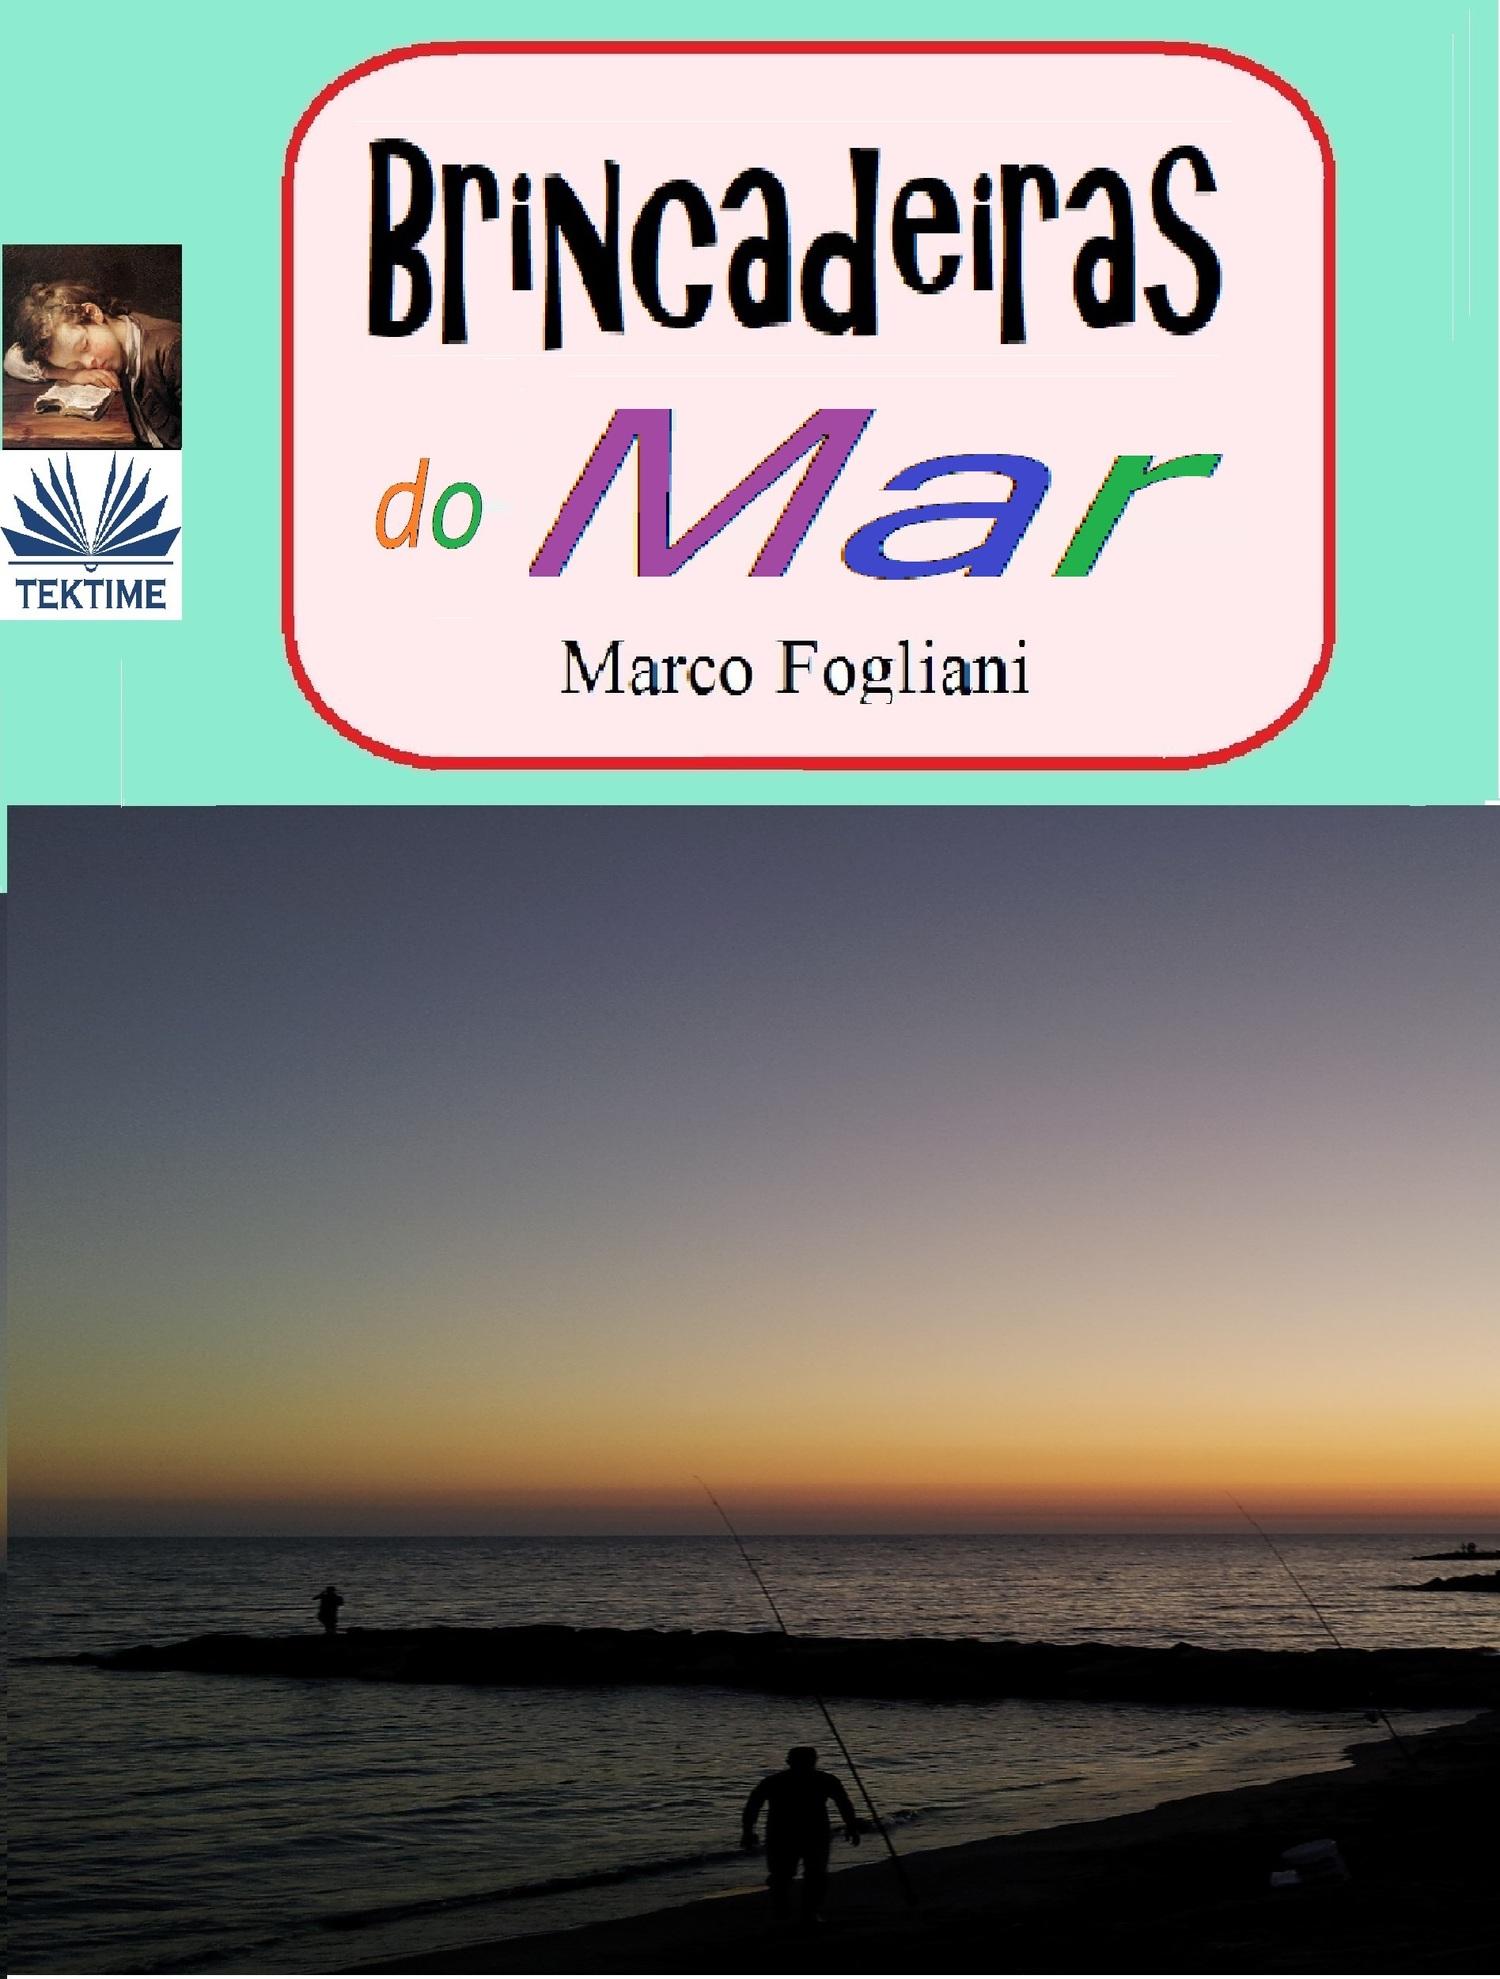 Marco Fogliani Brincadeiras Do Mar pci e 4x express para usb 3 1 tipo c usb c dual port adicionar adaptador de cartao de expansao de 10 gbps frete gratis numero